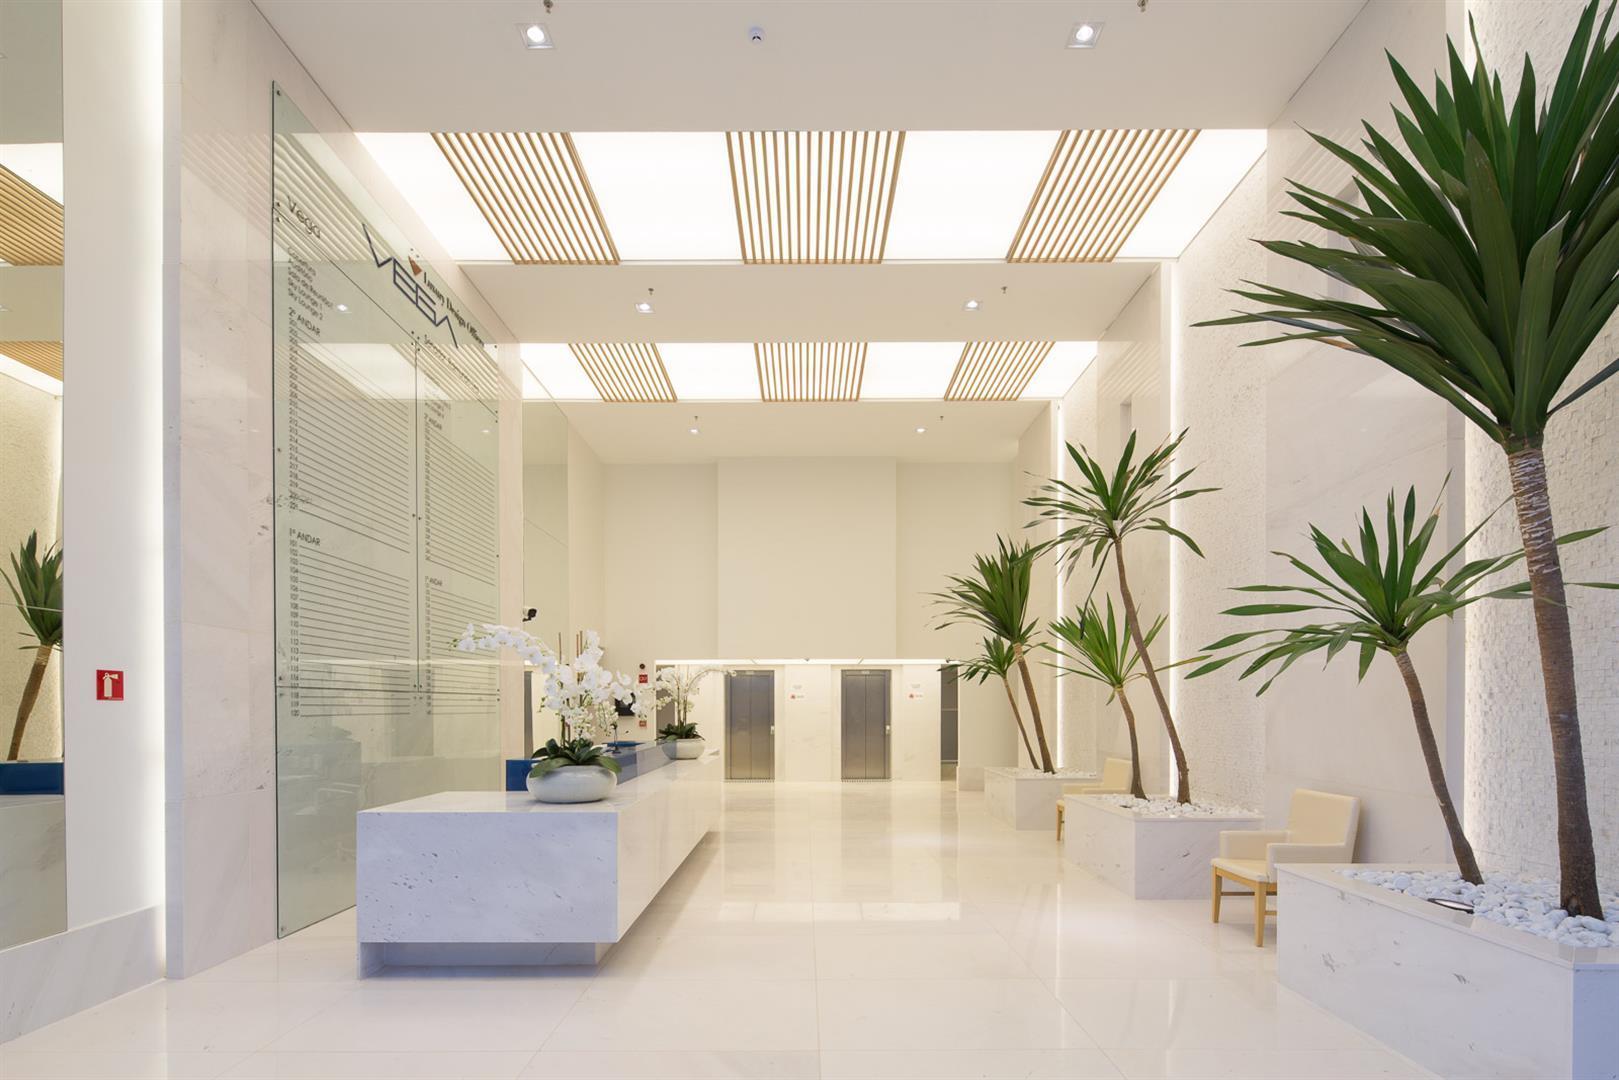 Imóvel pronto | Vega – Salas Comerciaisna  Asa Norte  - Brasília - Distrito Federal